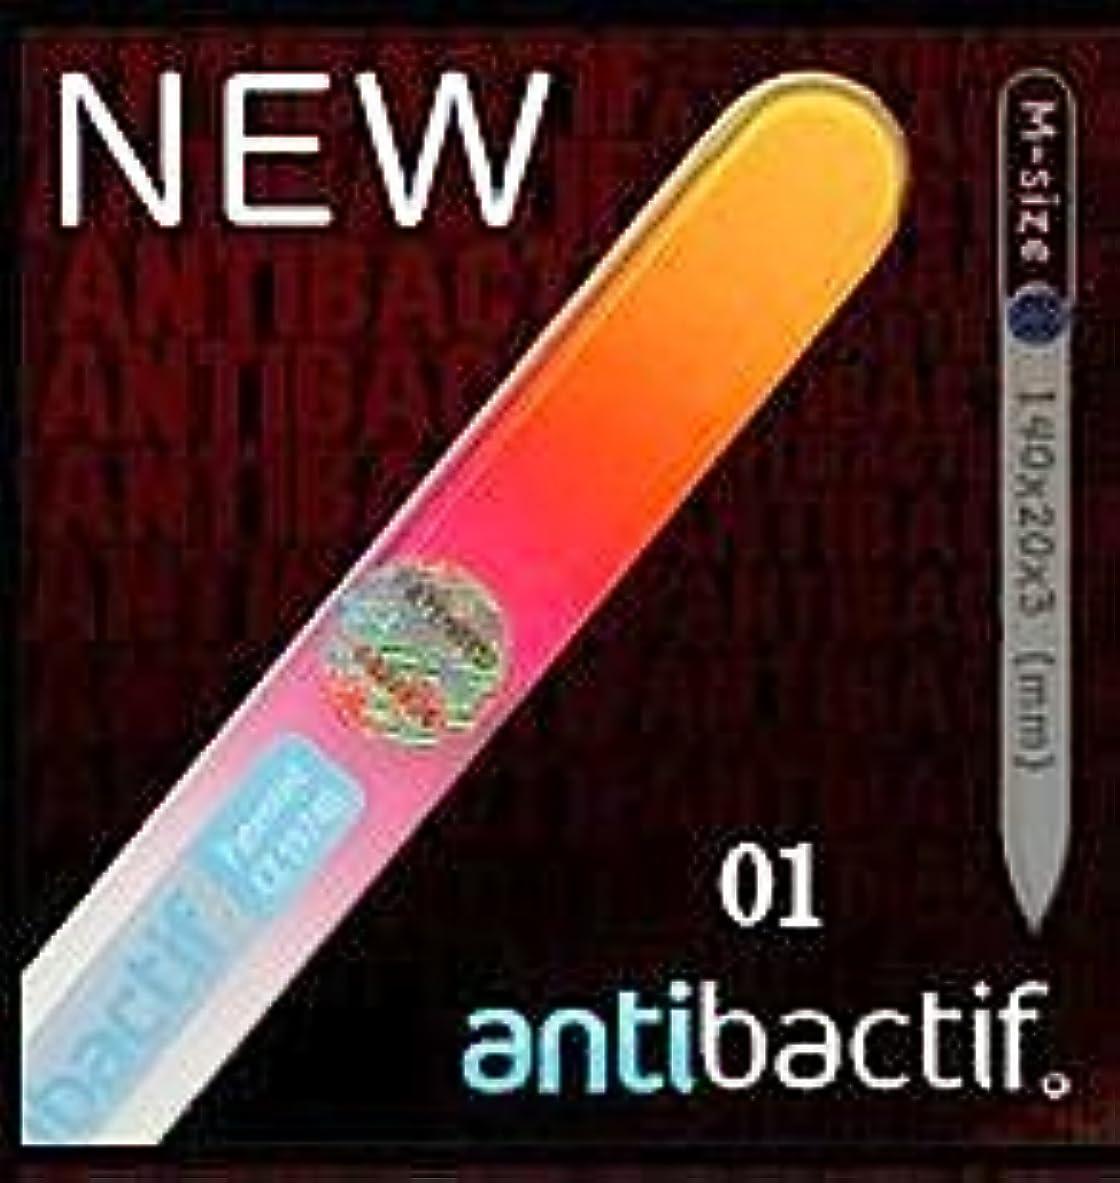 【ブラジェク】ガラス爪やすり  NEW antibactif カラー(両面ヤスリ) (01)